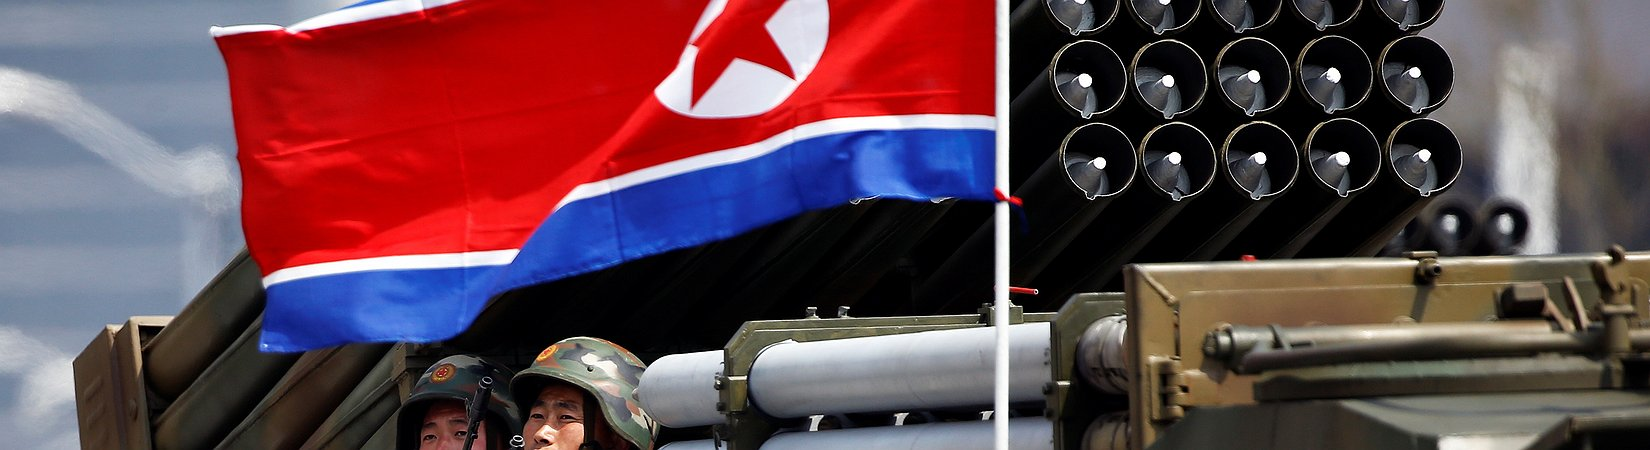 Россия попала под санкции США против Северной Кореи